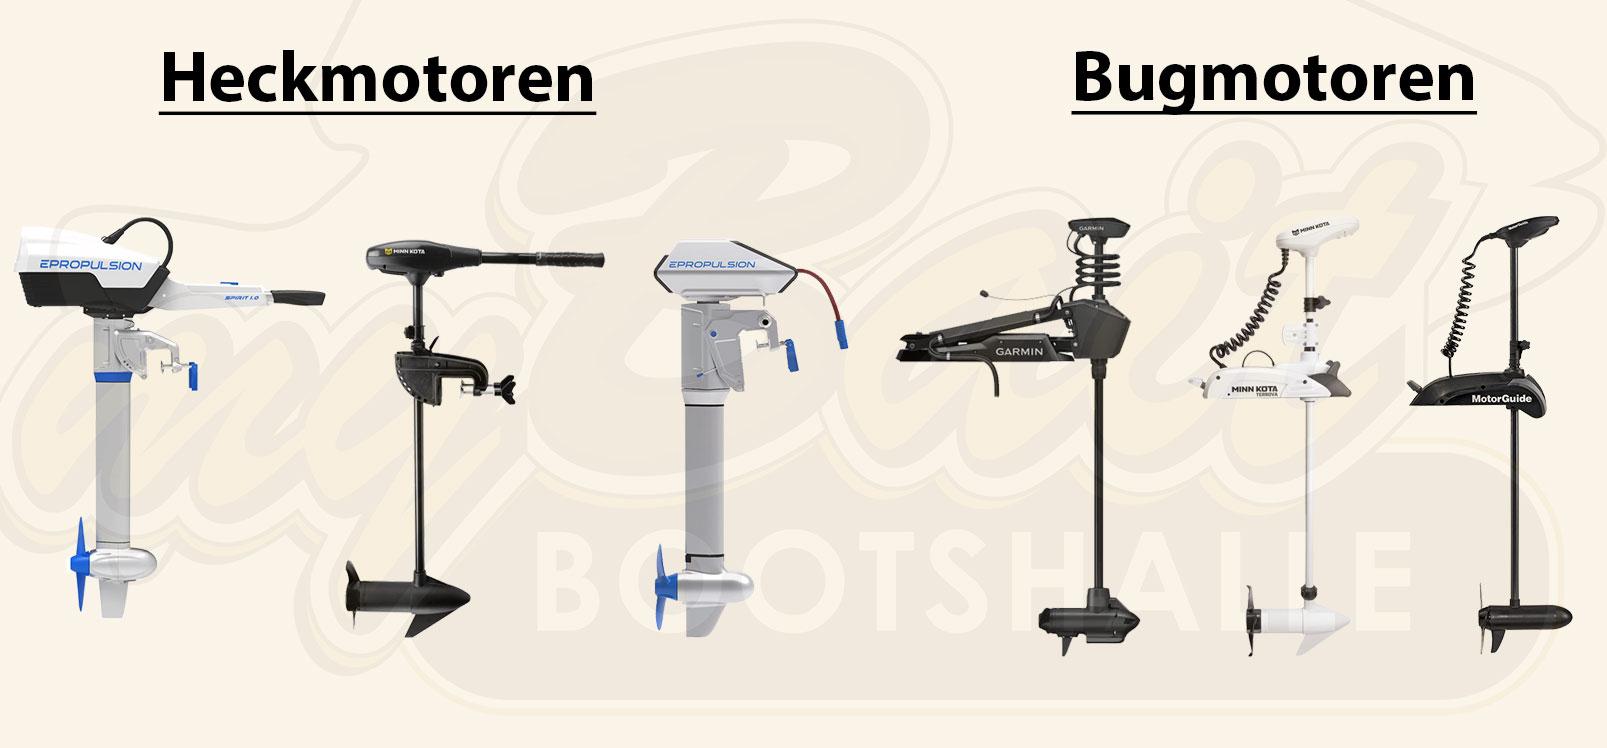 Heckmotoren und Bugmotoren im Vergleich